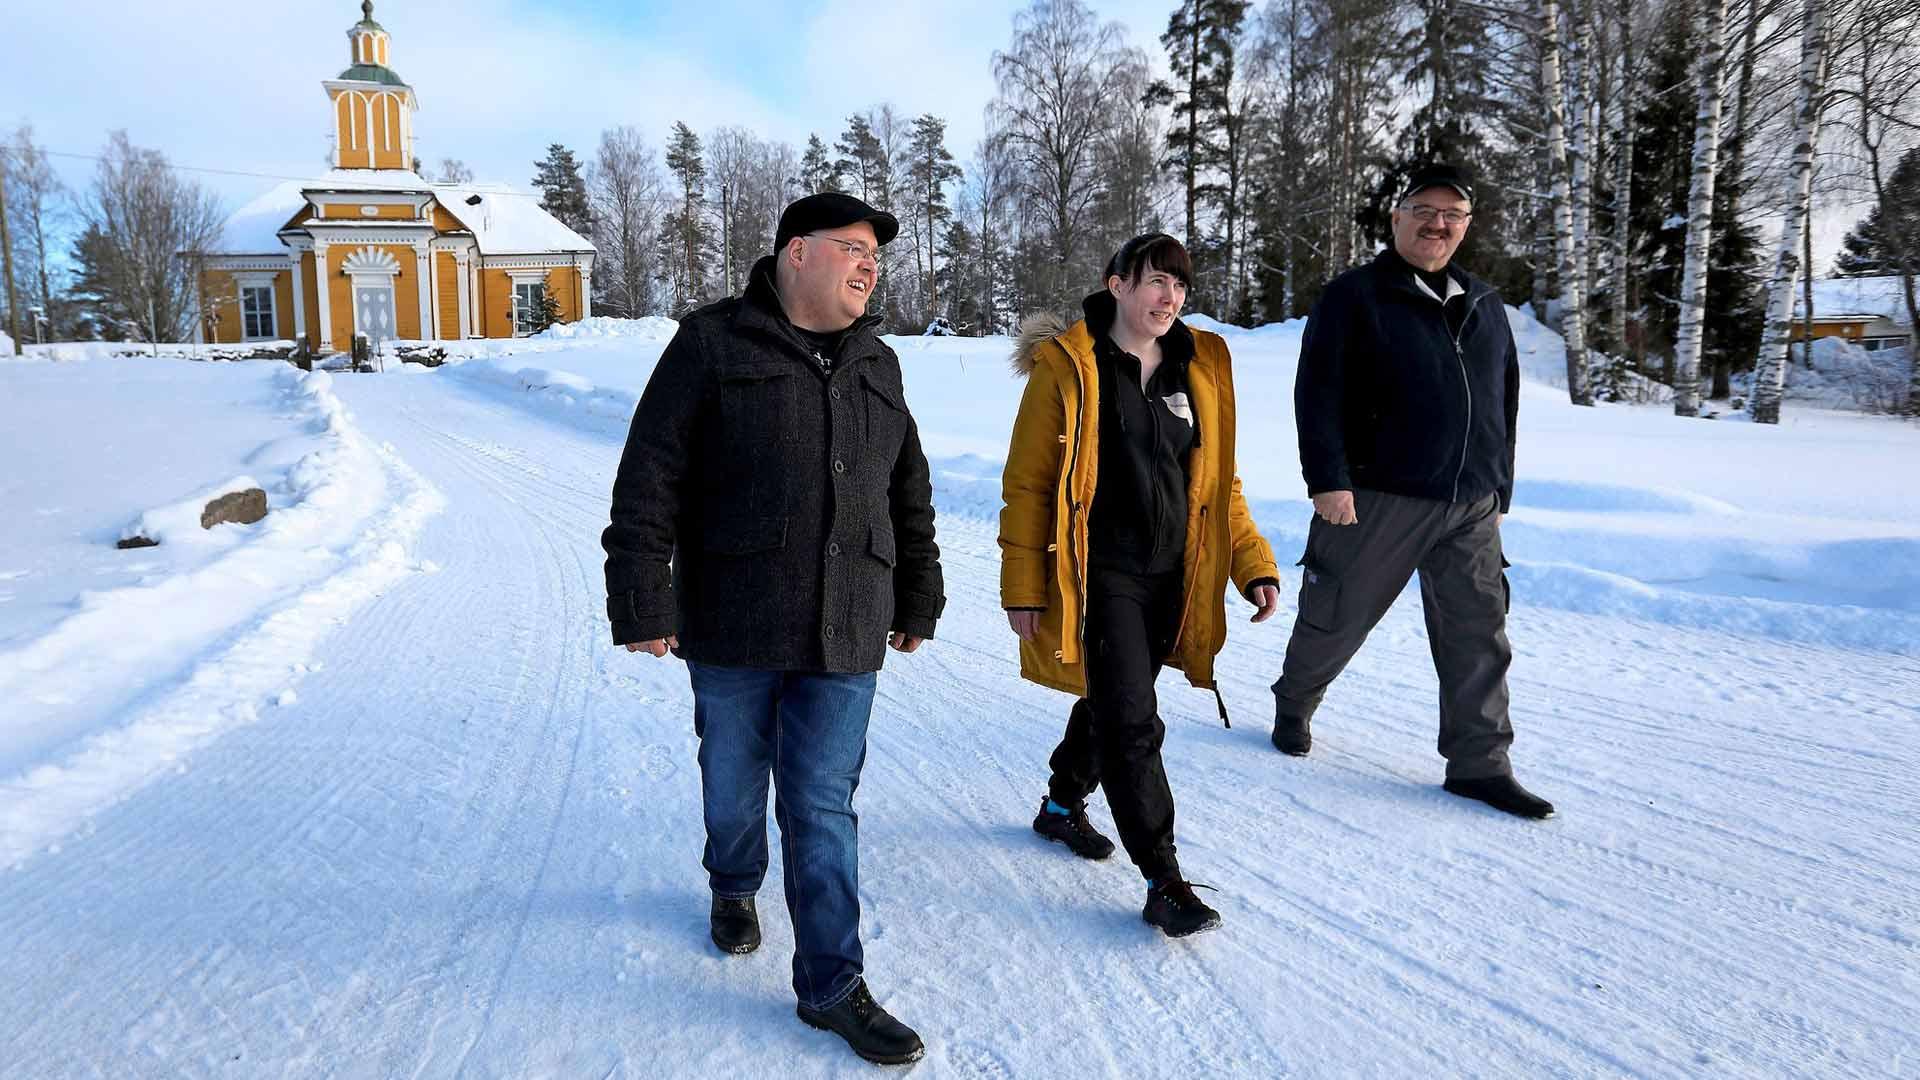 Erno Haavisto, Marjo Koivisto ja Pauli Saarinen kuuluivat kaikki Honkajoen perussuomalaisten viisihenkiseen valtuustoryhmään. Haavisto ja Saarinen ovat taas ehdolla, mutta Koivisto keskittyy nyt perheeseen ja ravintolaansa.